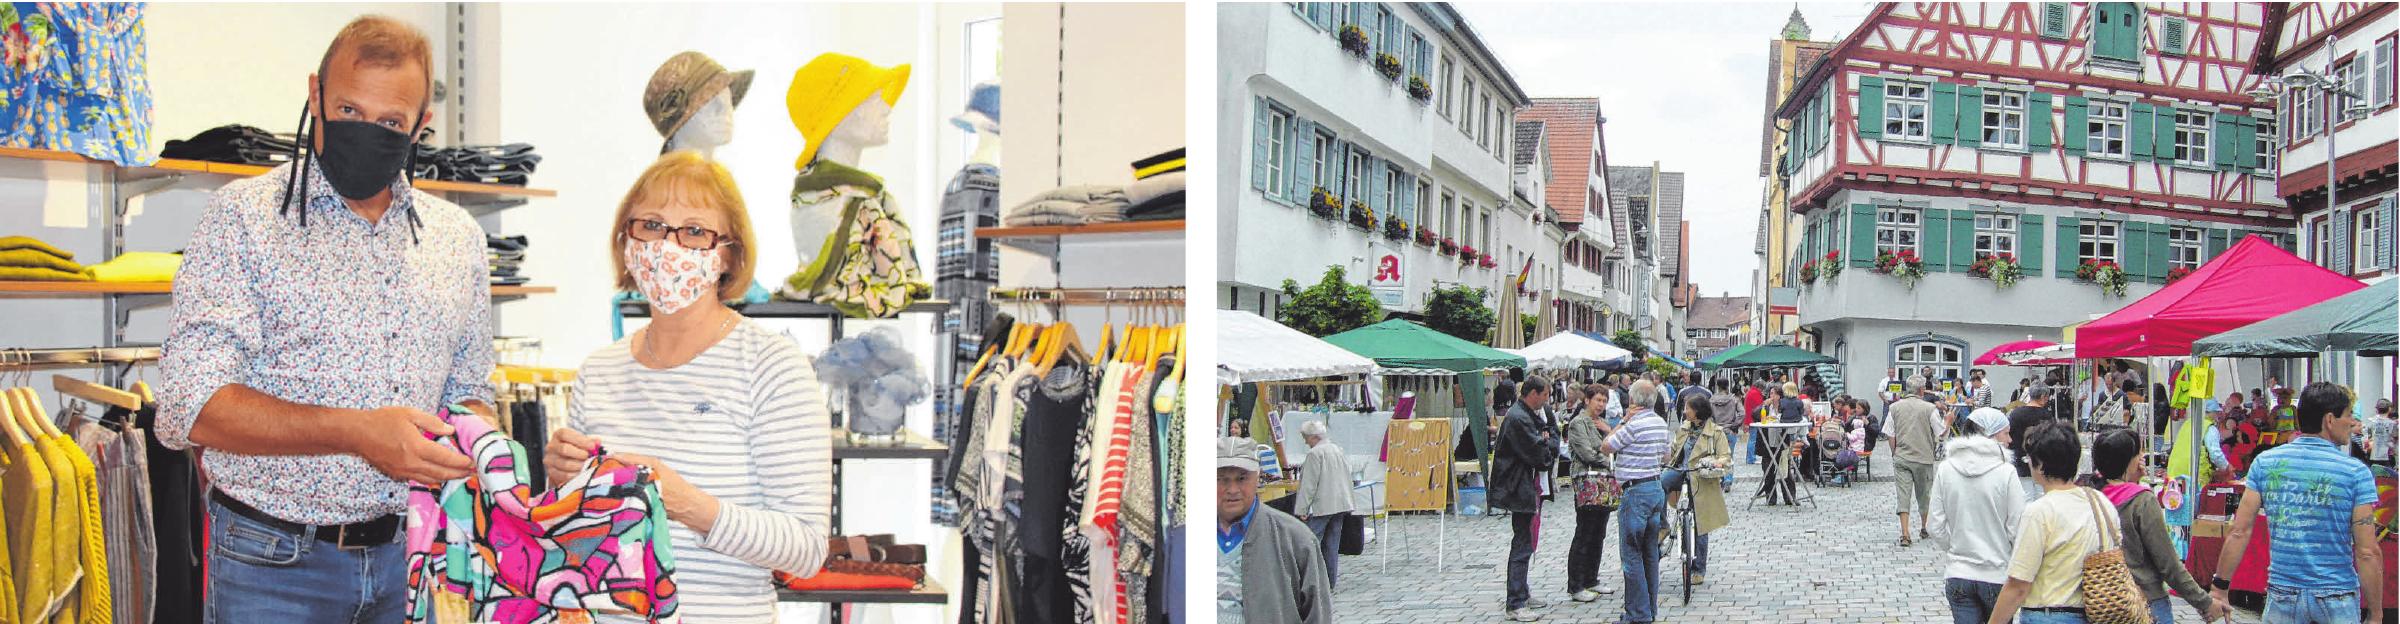 Tobias Strang von TS Mode am Riedlinger Marktplatz — Beim Flanieren in der Riedlinger Altstadt mit Abstand kann man sich auch treffen. FOTOS: MARKUS FALK, ARCHIV